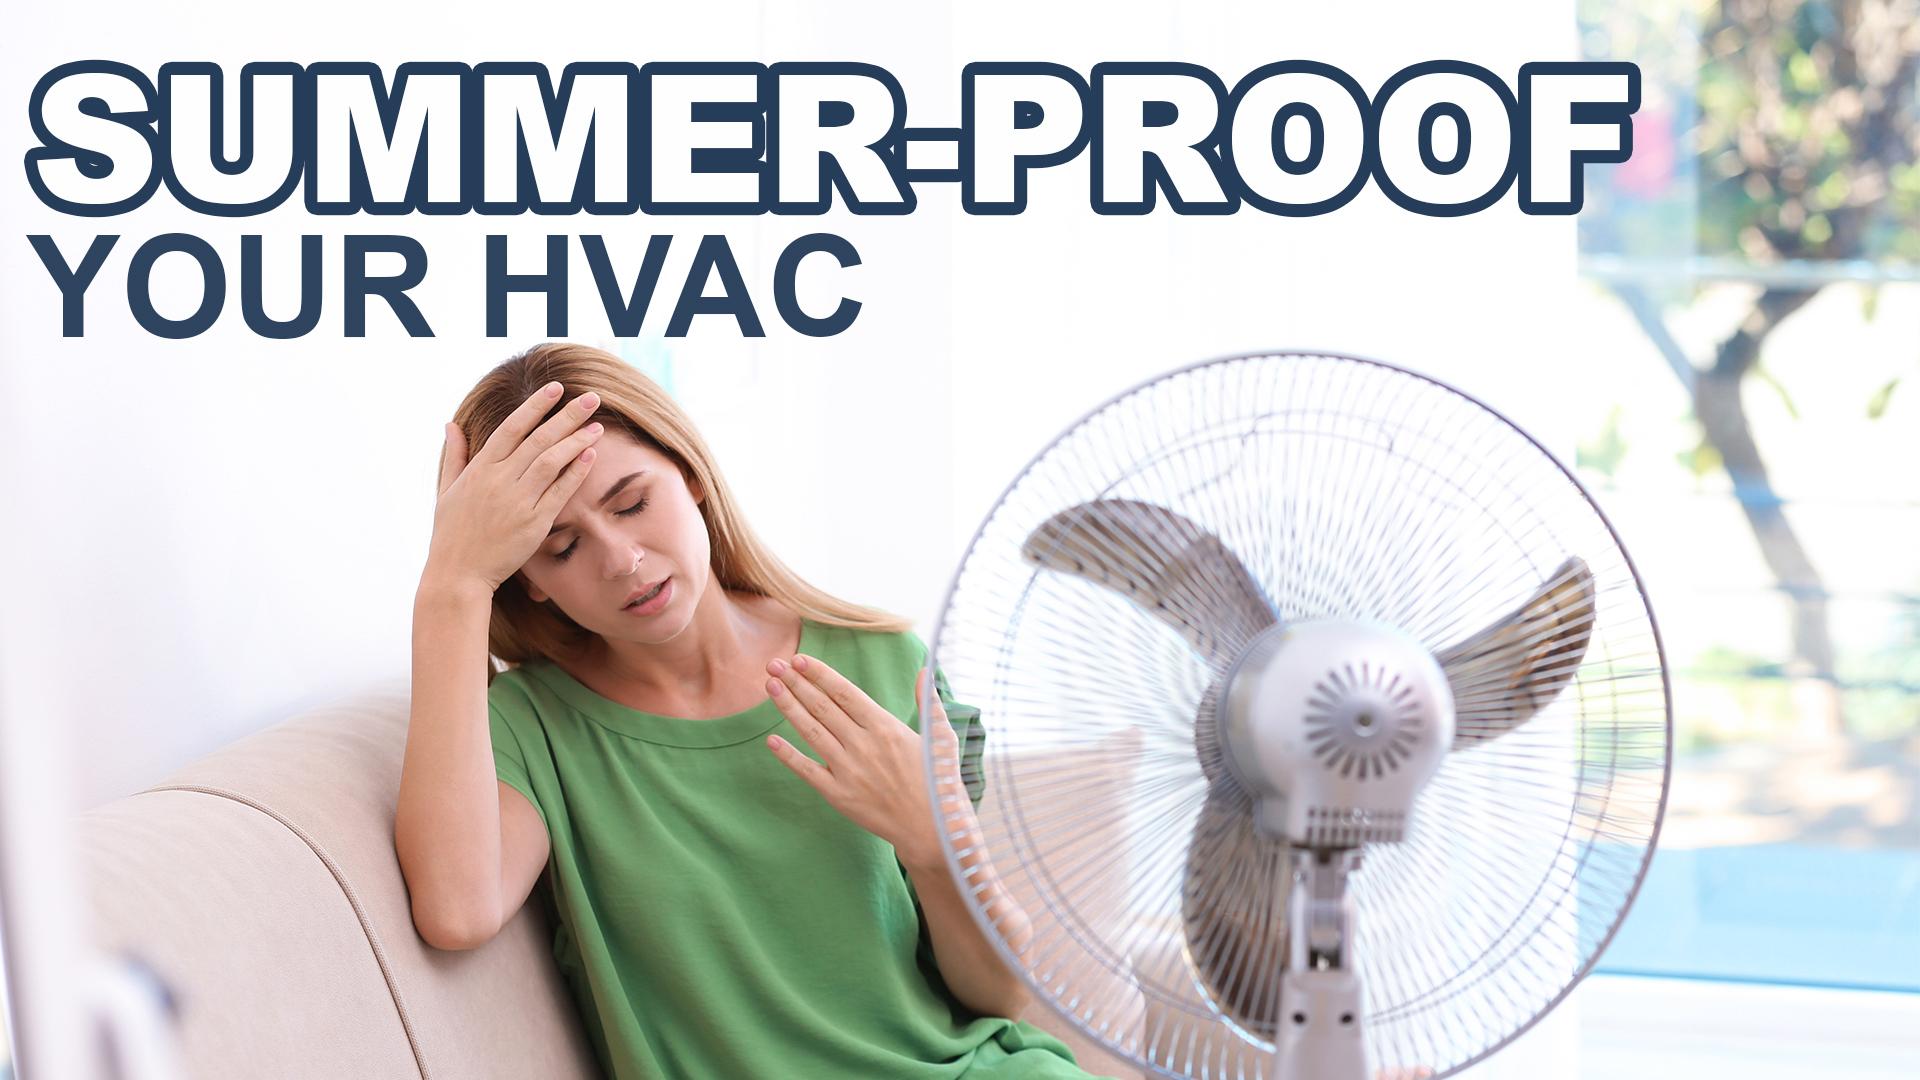 SummerProofAC.jpg